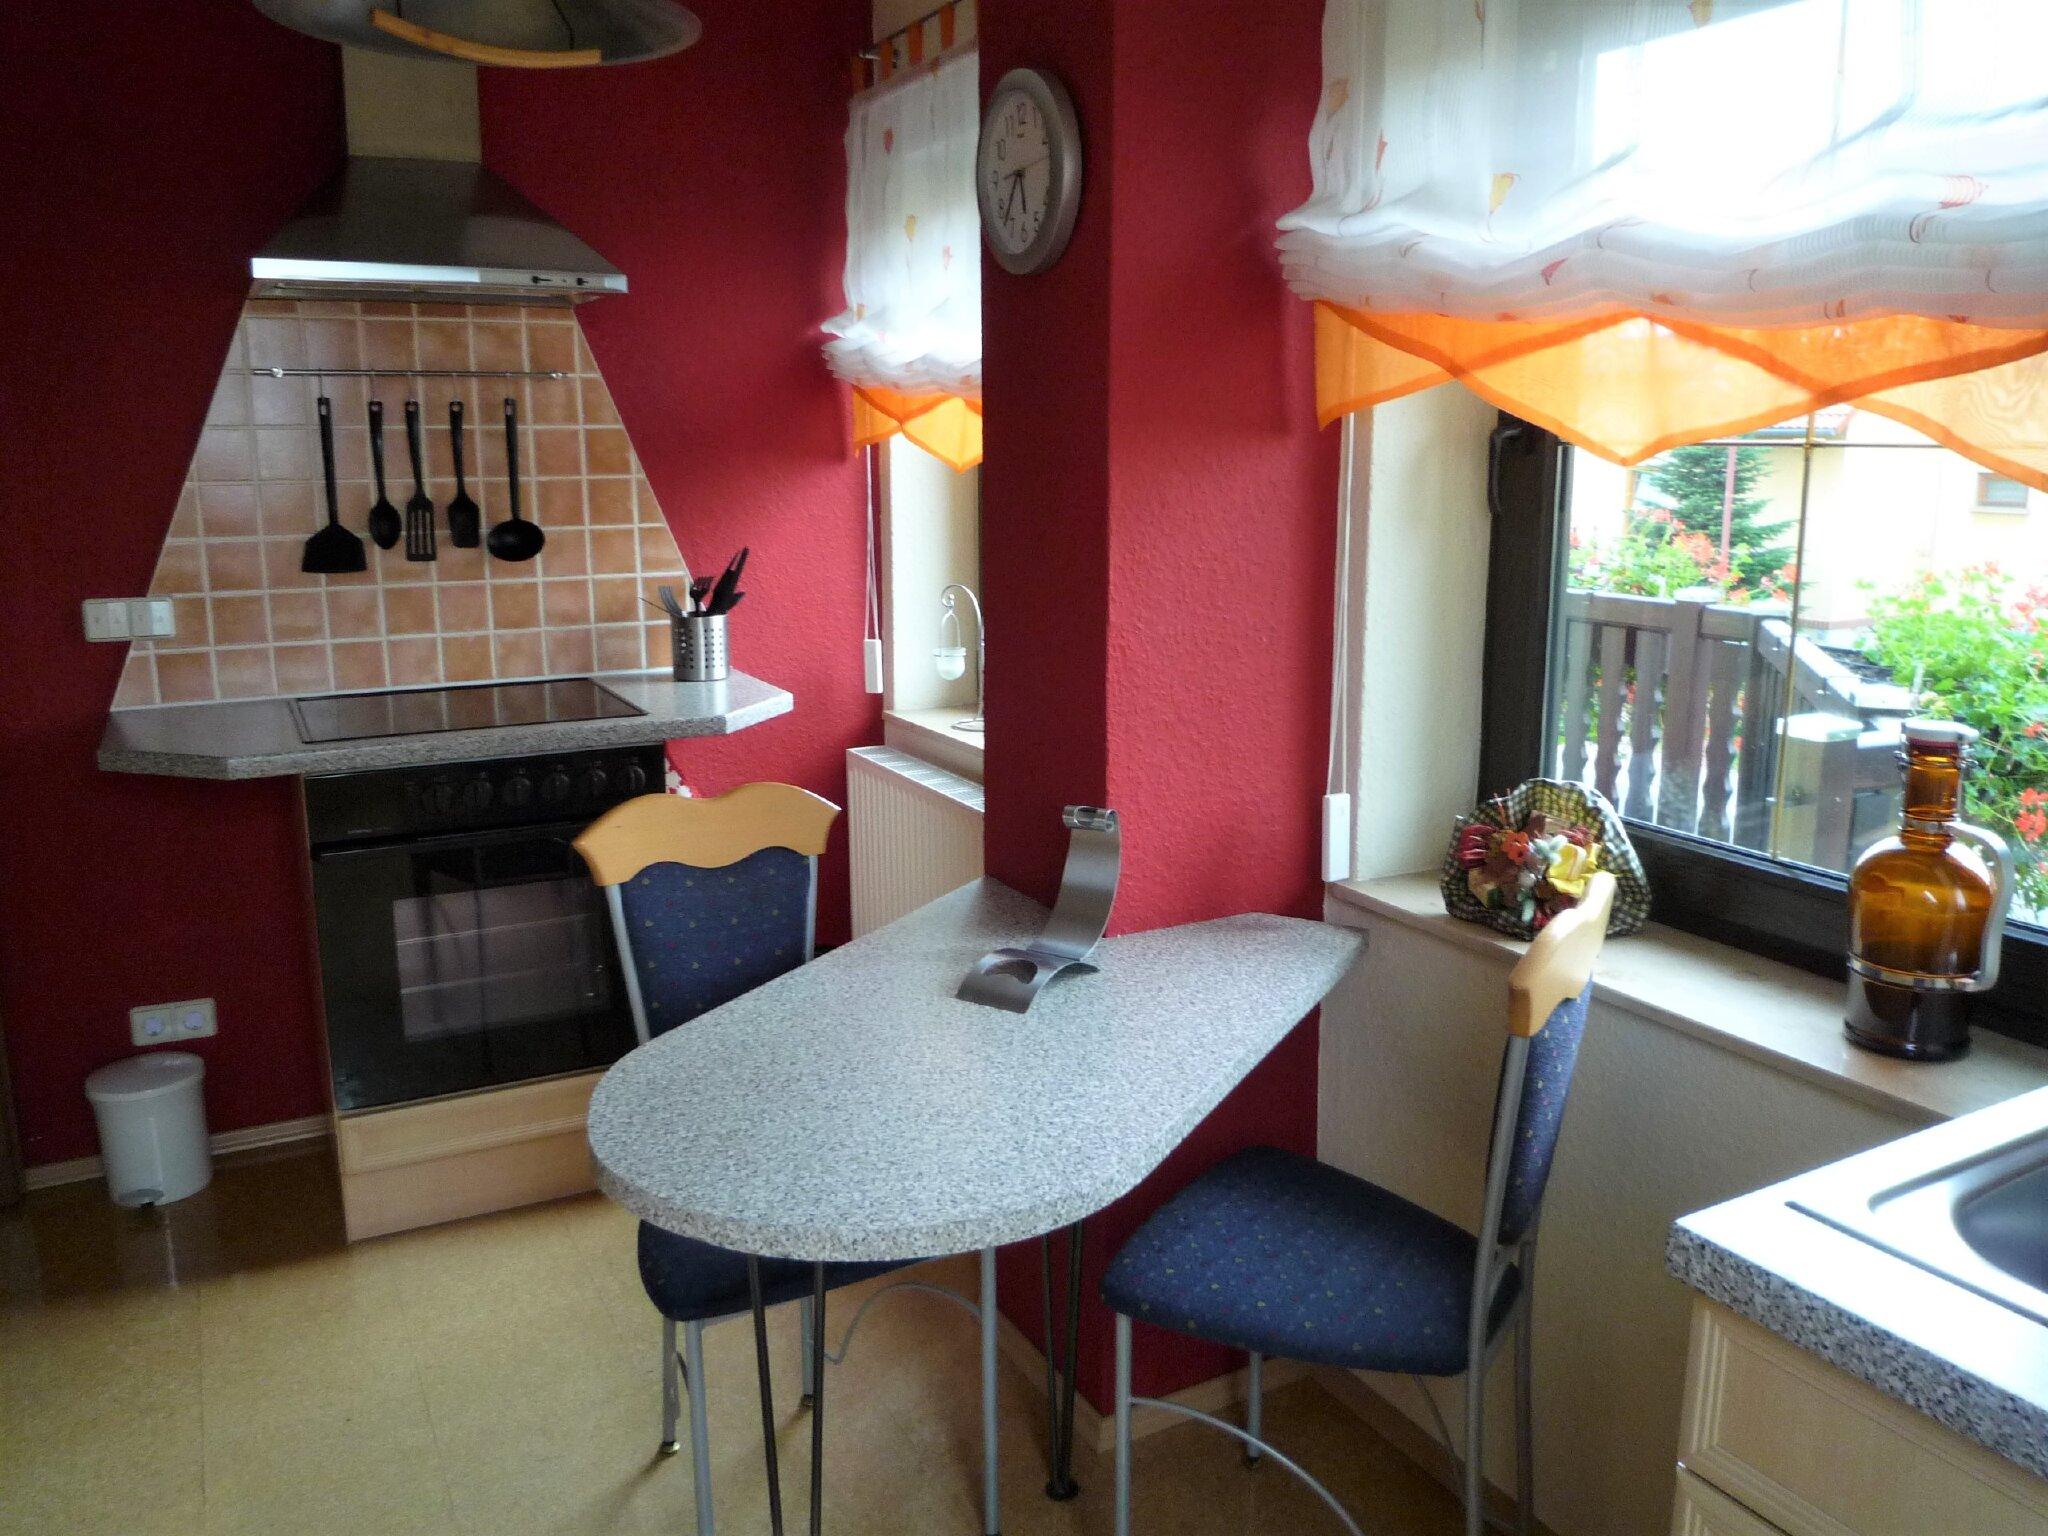 Küche mit kleinem Essplatz und Spüle